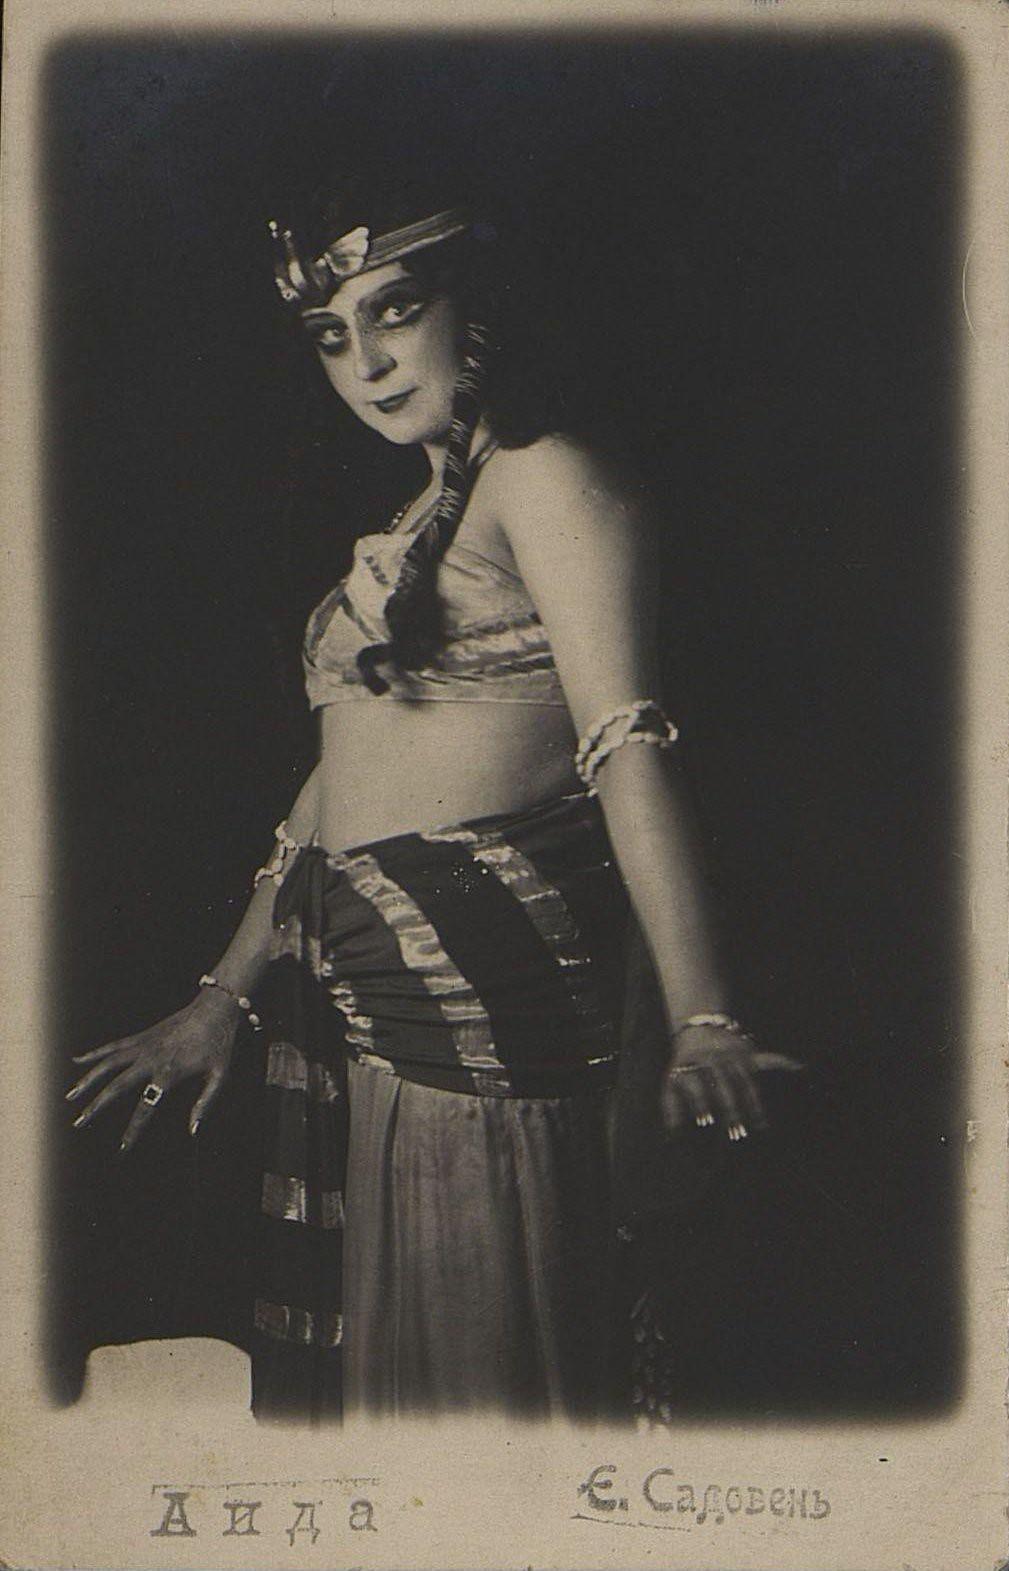 Садовень Е., артистка Одесского оперного театра в роли Амнерис в опере Верди «Аида». 1916-1918 гг.